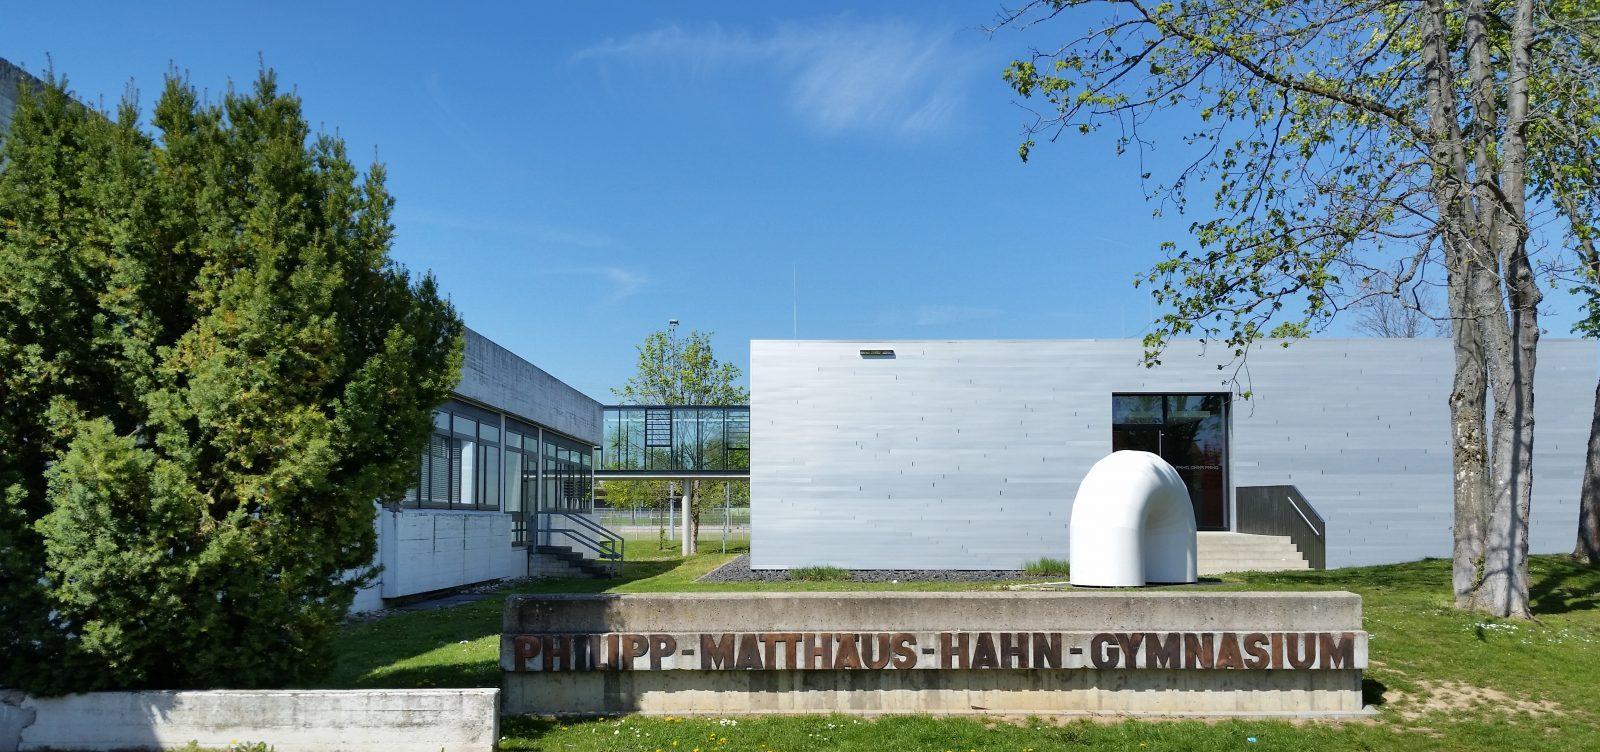 Philipp-Matthäus-Hahn-Gymnasium (PMHG)